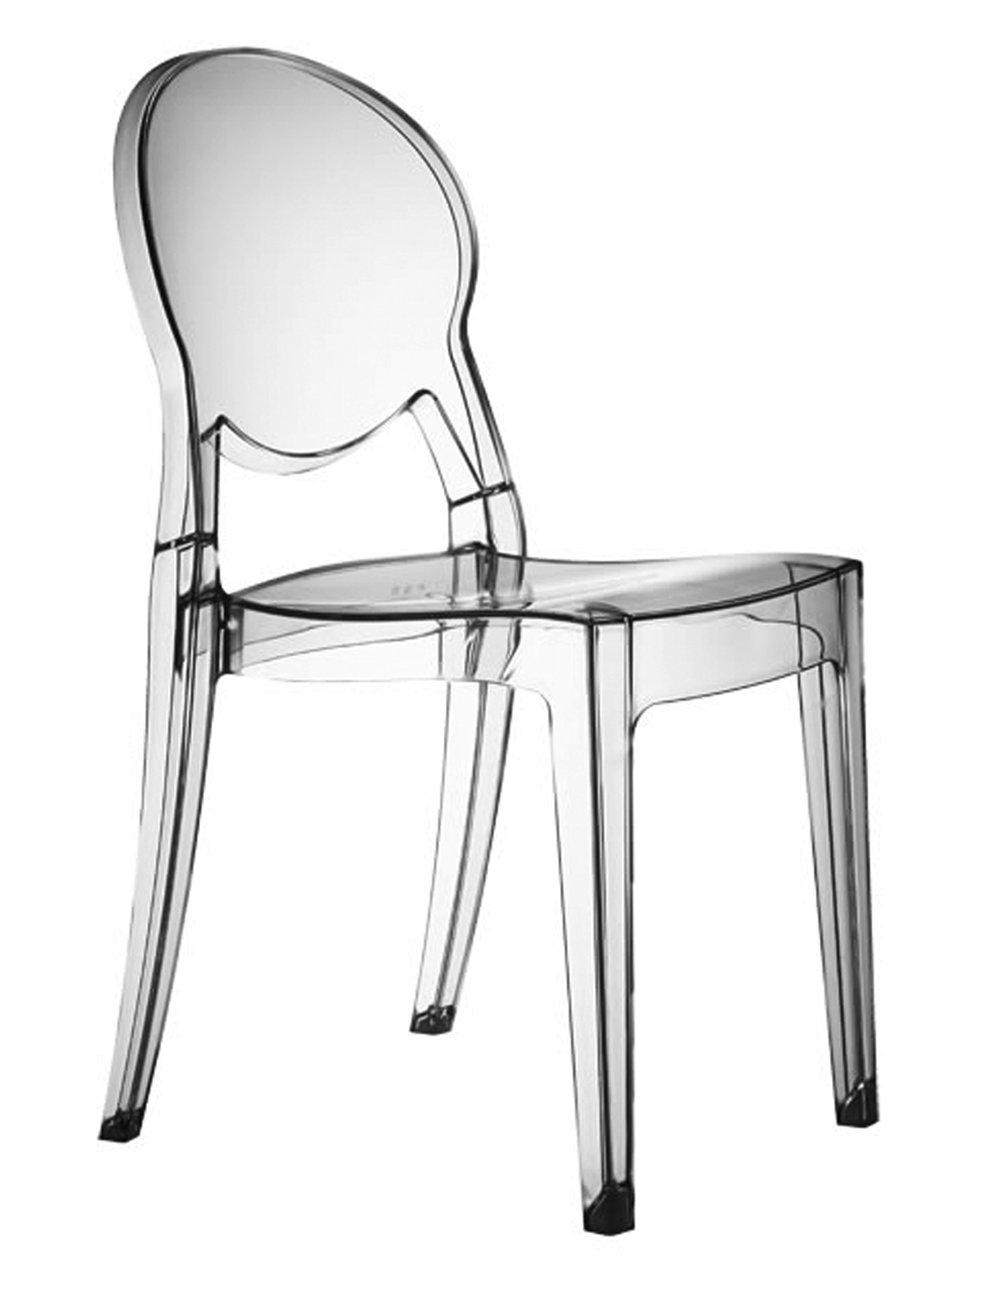 sedia-kartell-trasparente - Arredamenti Mattio